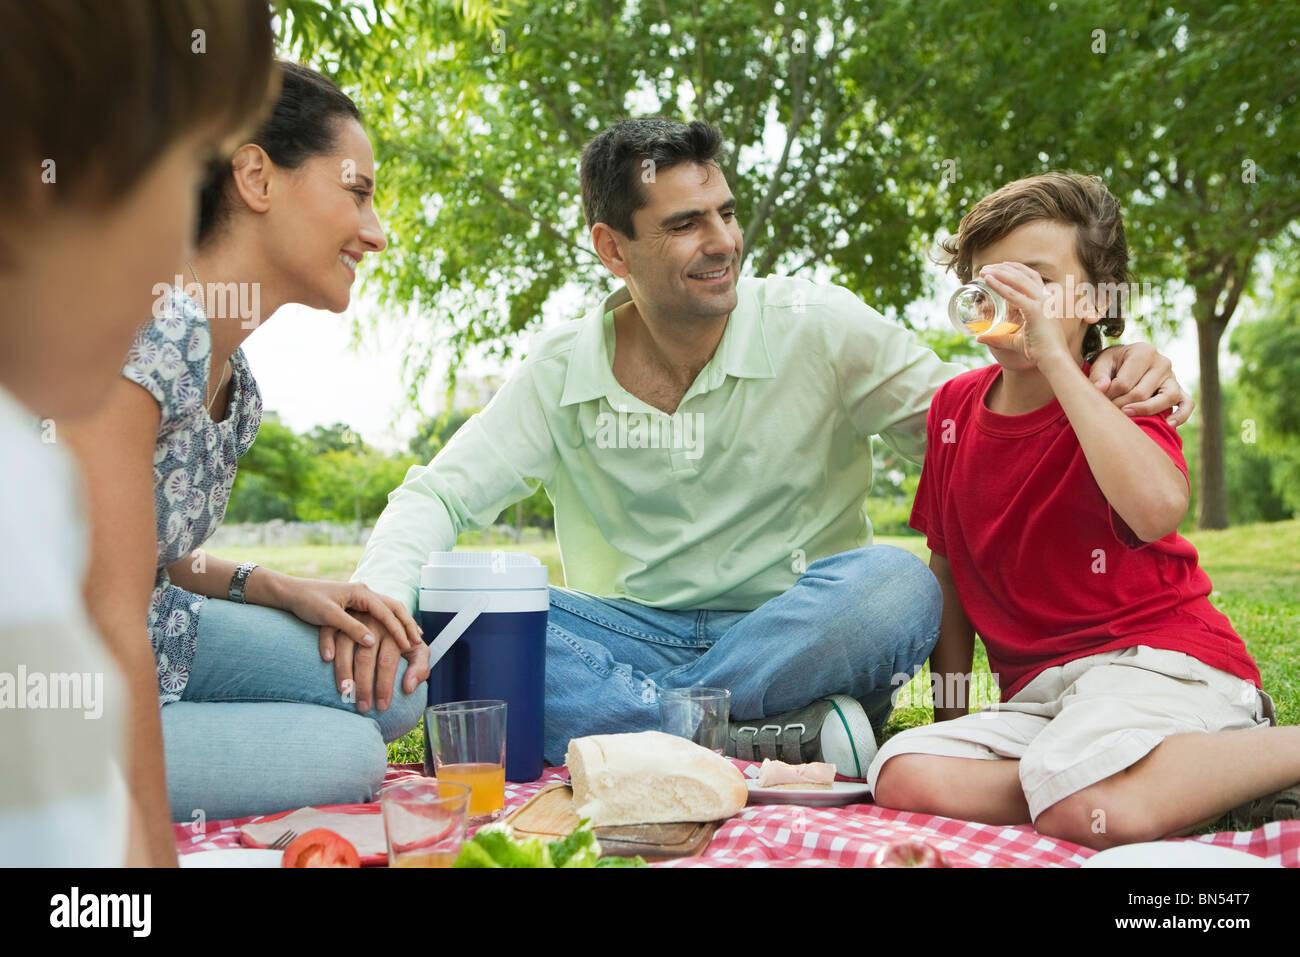 Family enjoying picnic outdoors - Stock Image